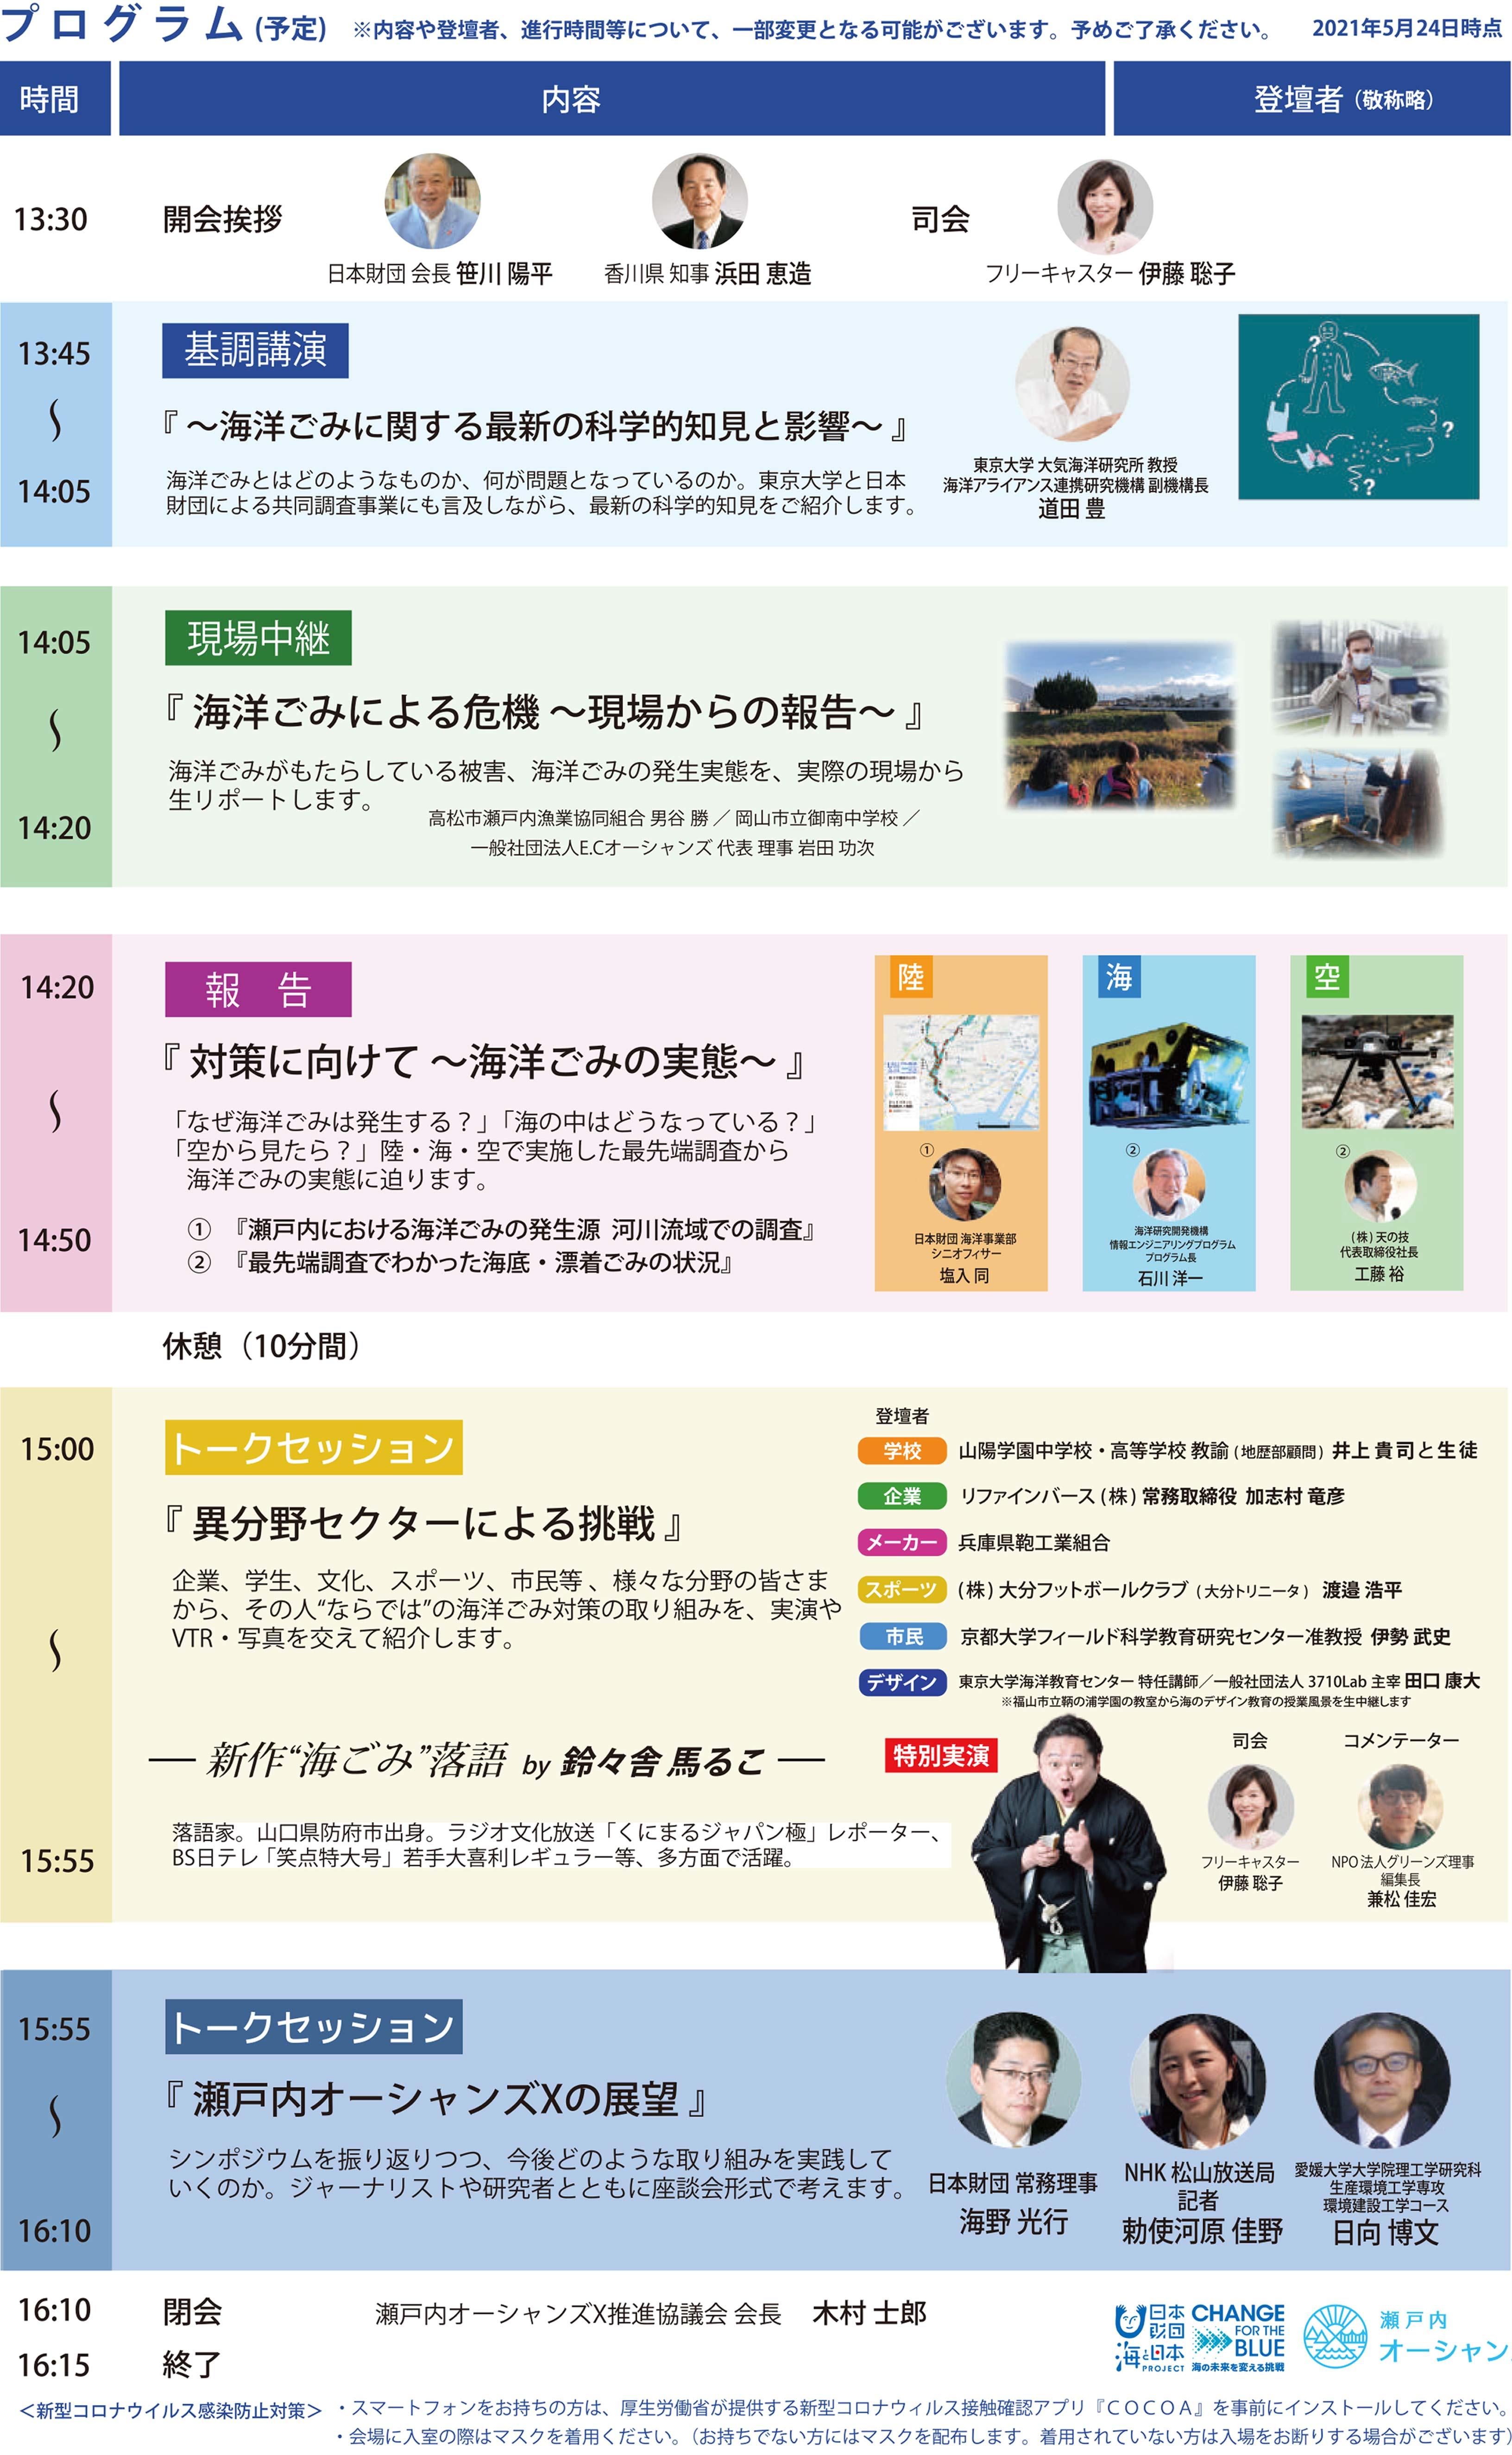 20210704-瀬戸内オーシャンズXプログラム-2